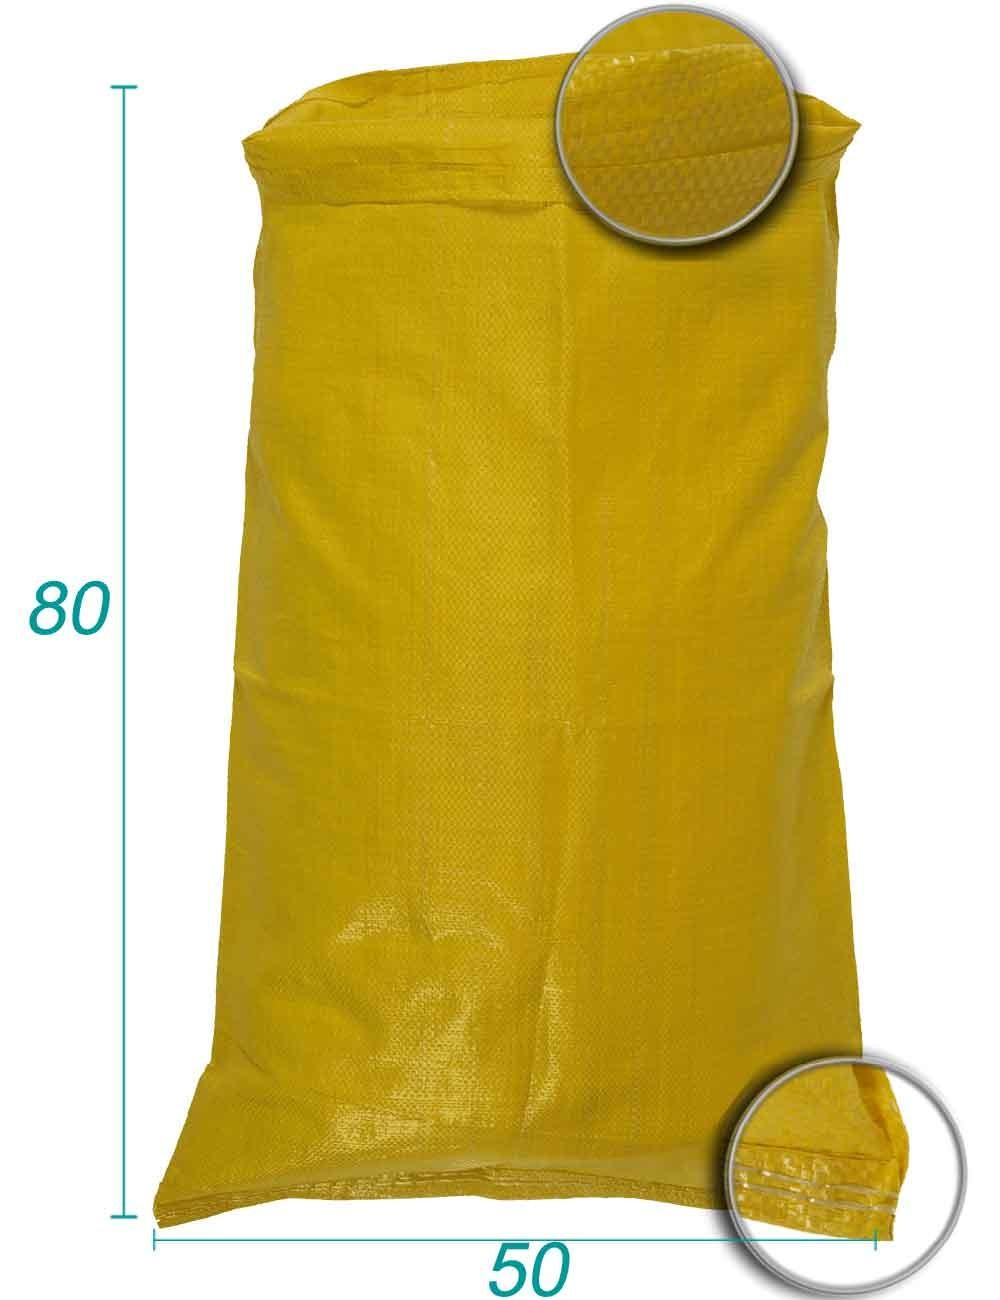 Sac vrac en Polypropylène Jaune 50X80